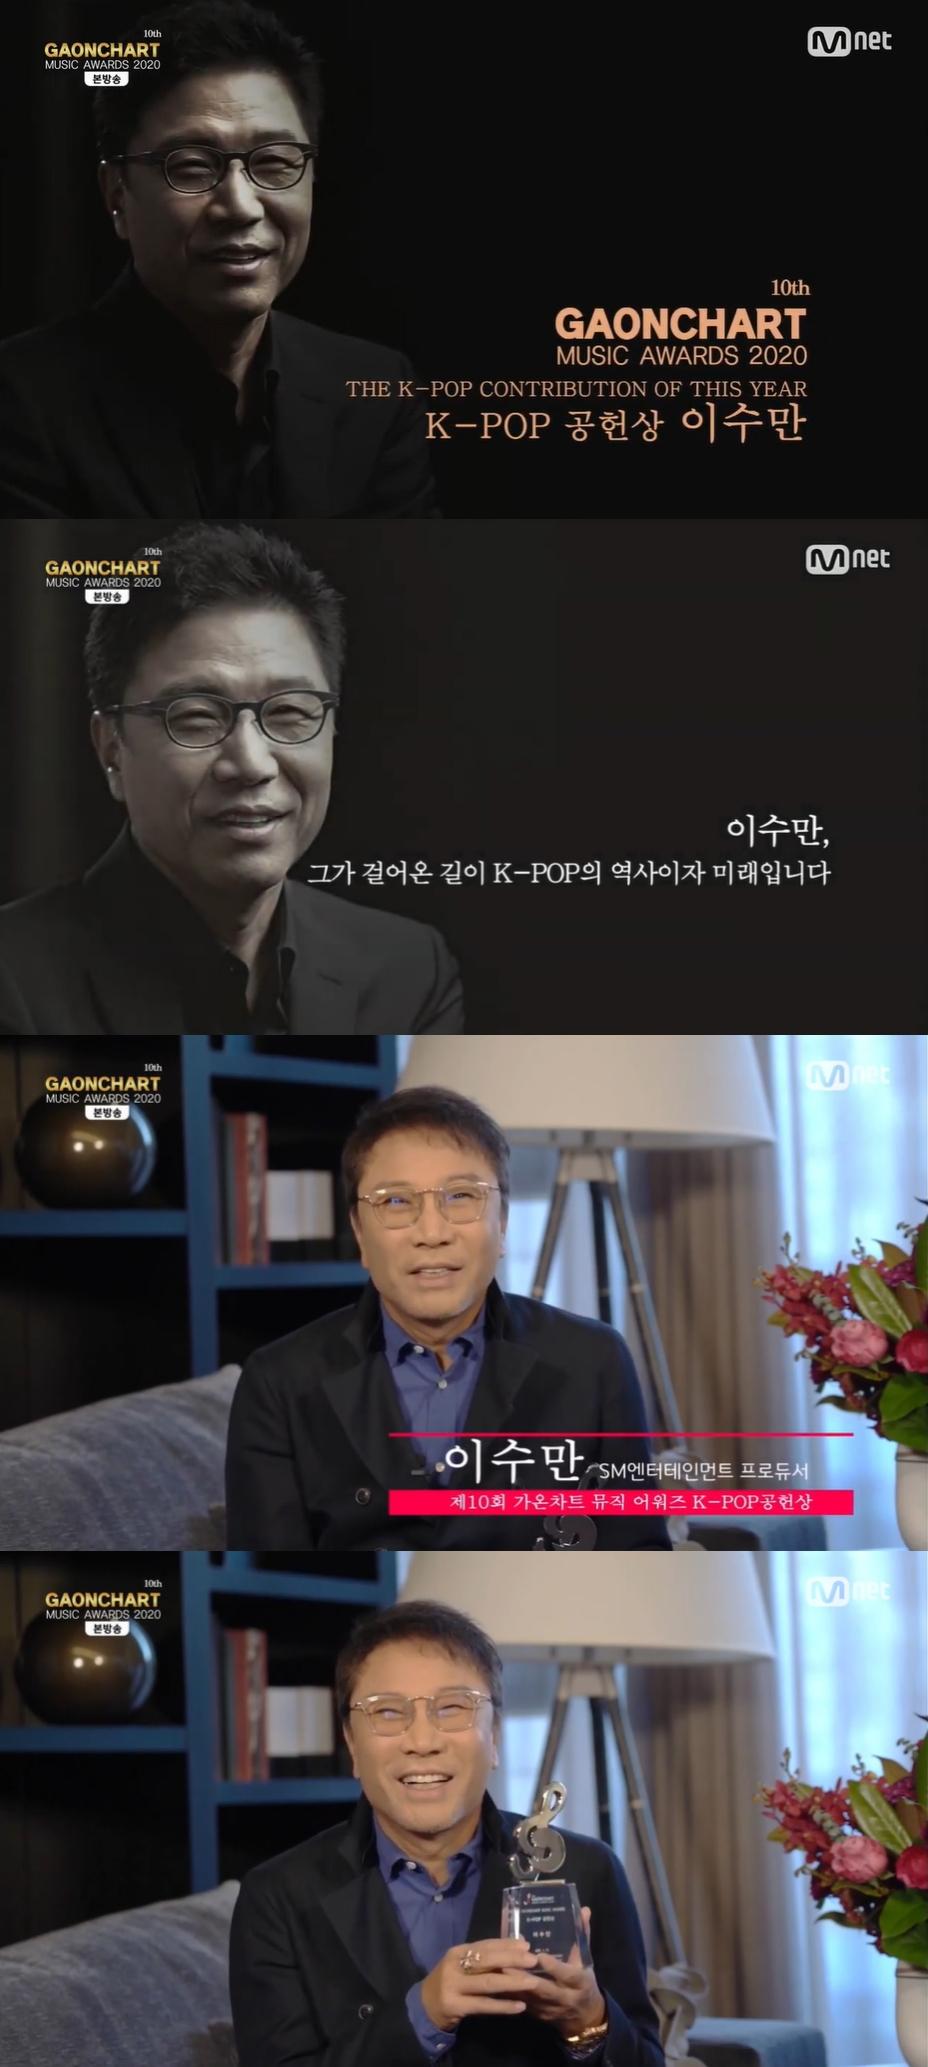 引领K-POP发展的领头人,李秀满总制作人再次荣获K-POP贡献奖